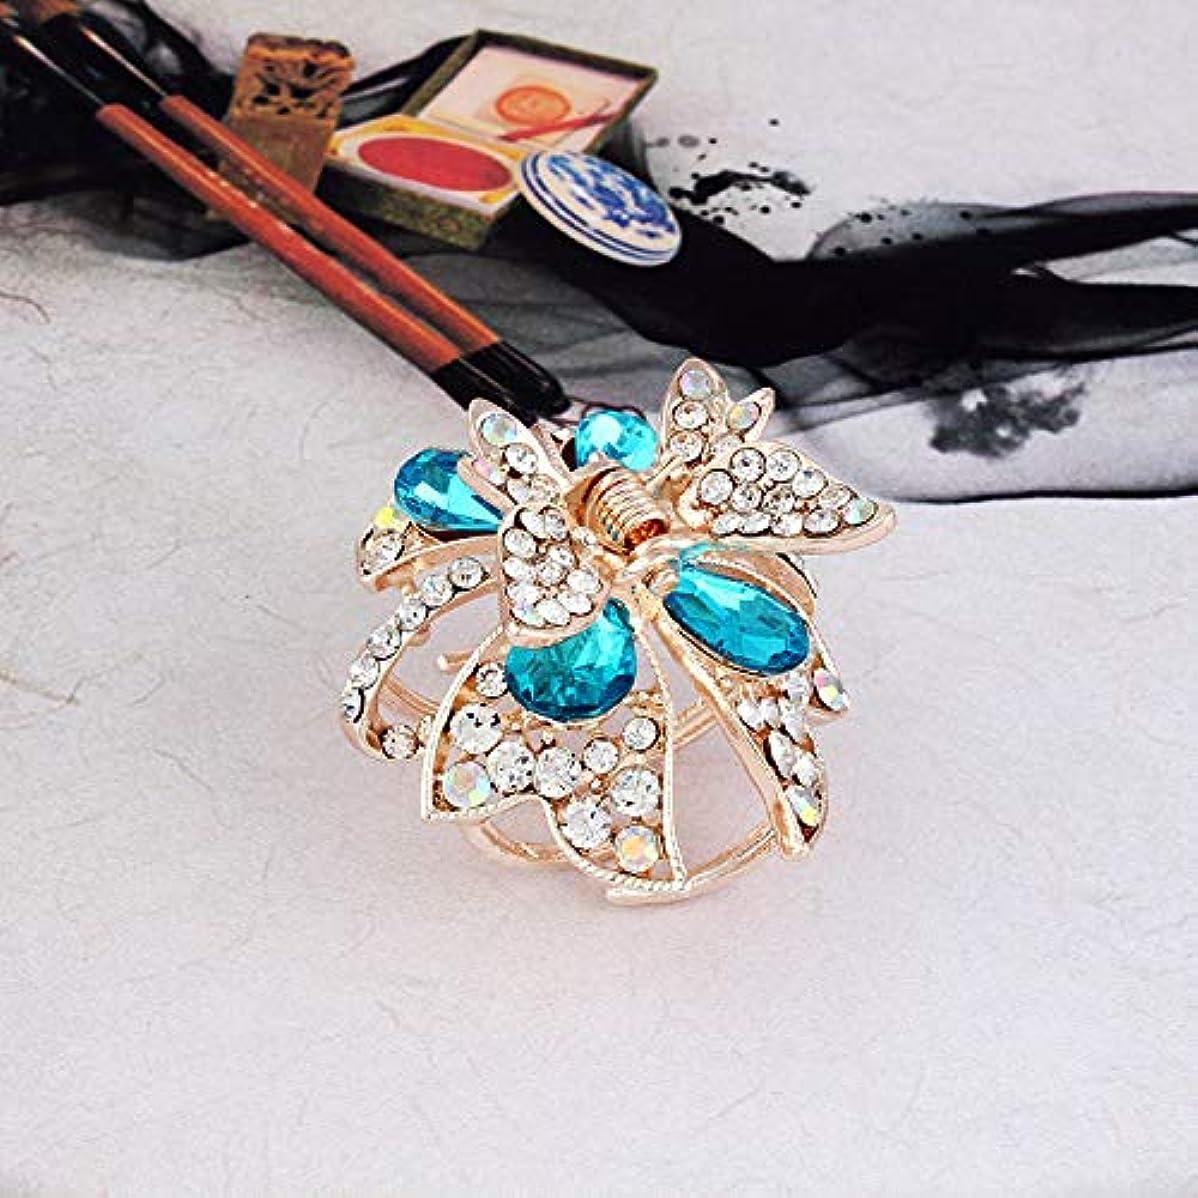 不毛の飲料月曜日HuaQingPiJu-JP 1Pc DIY魔法の髪の女性の女の子ヘアピン蝶のヘアクリップパーティーヘアスタイルツールアクセサリー(青)